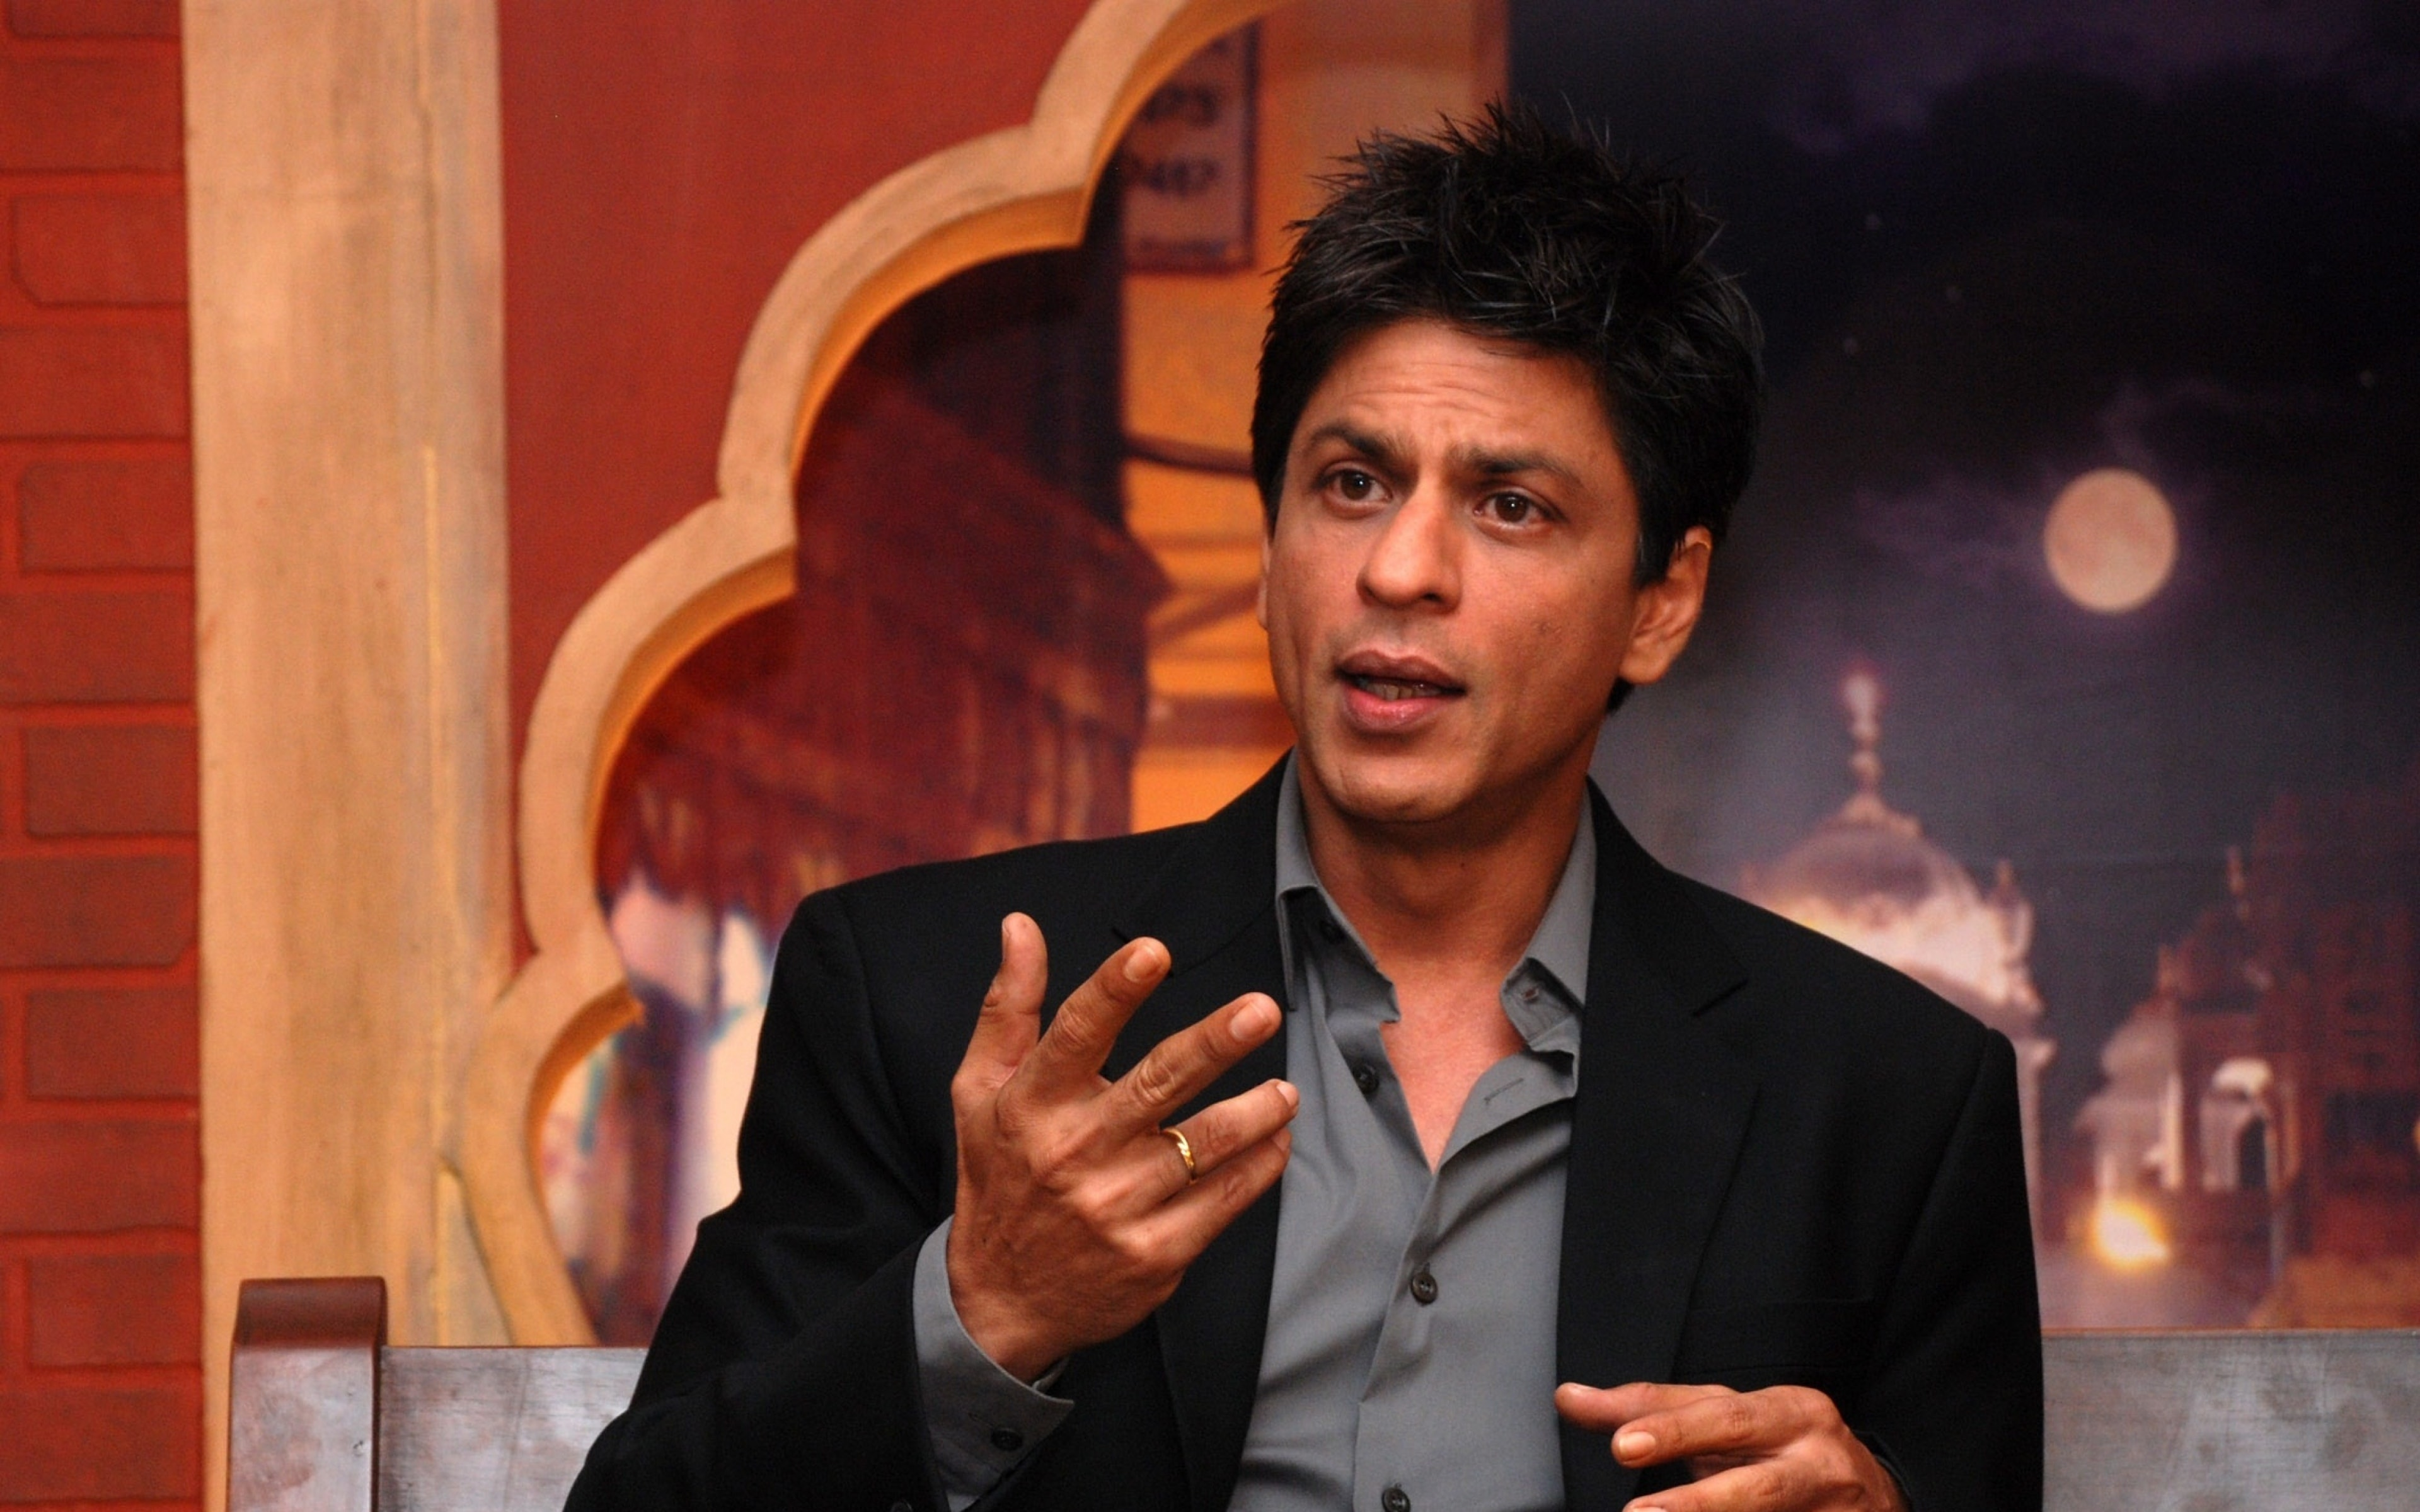 Shah Rukh Khan Free